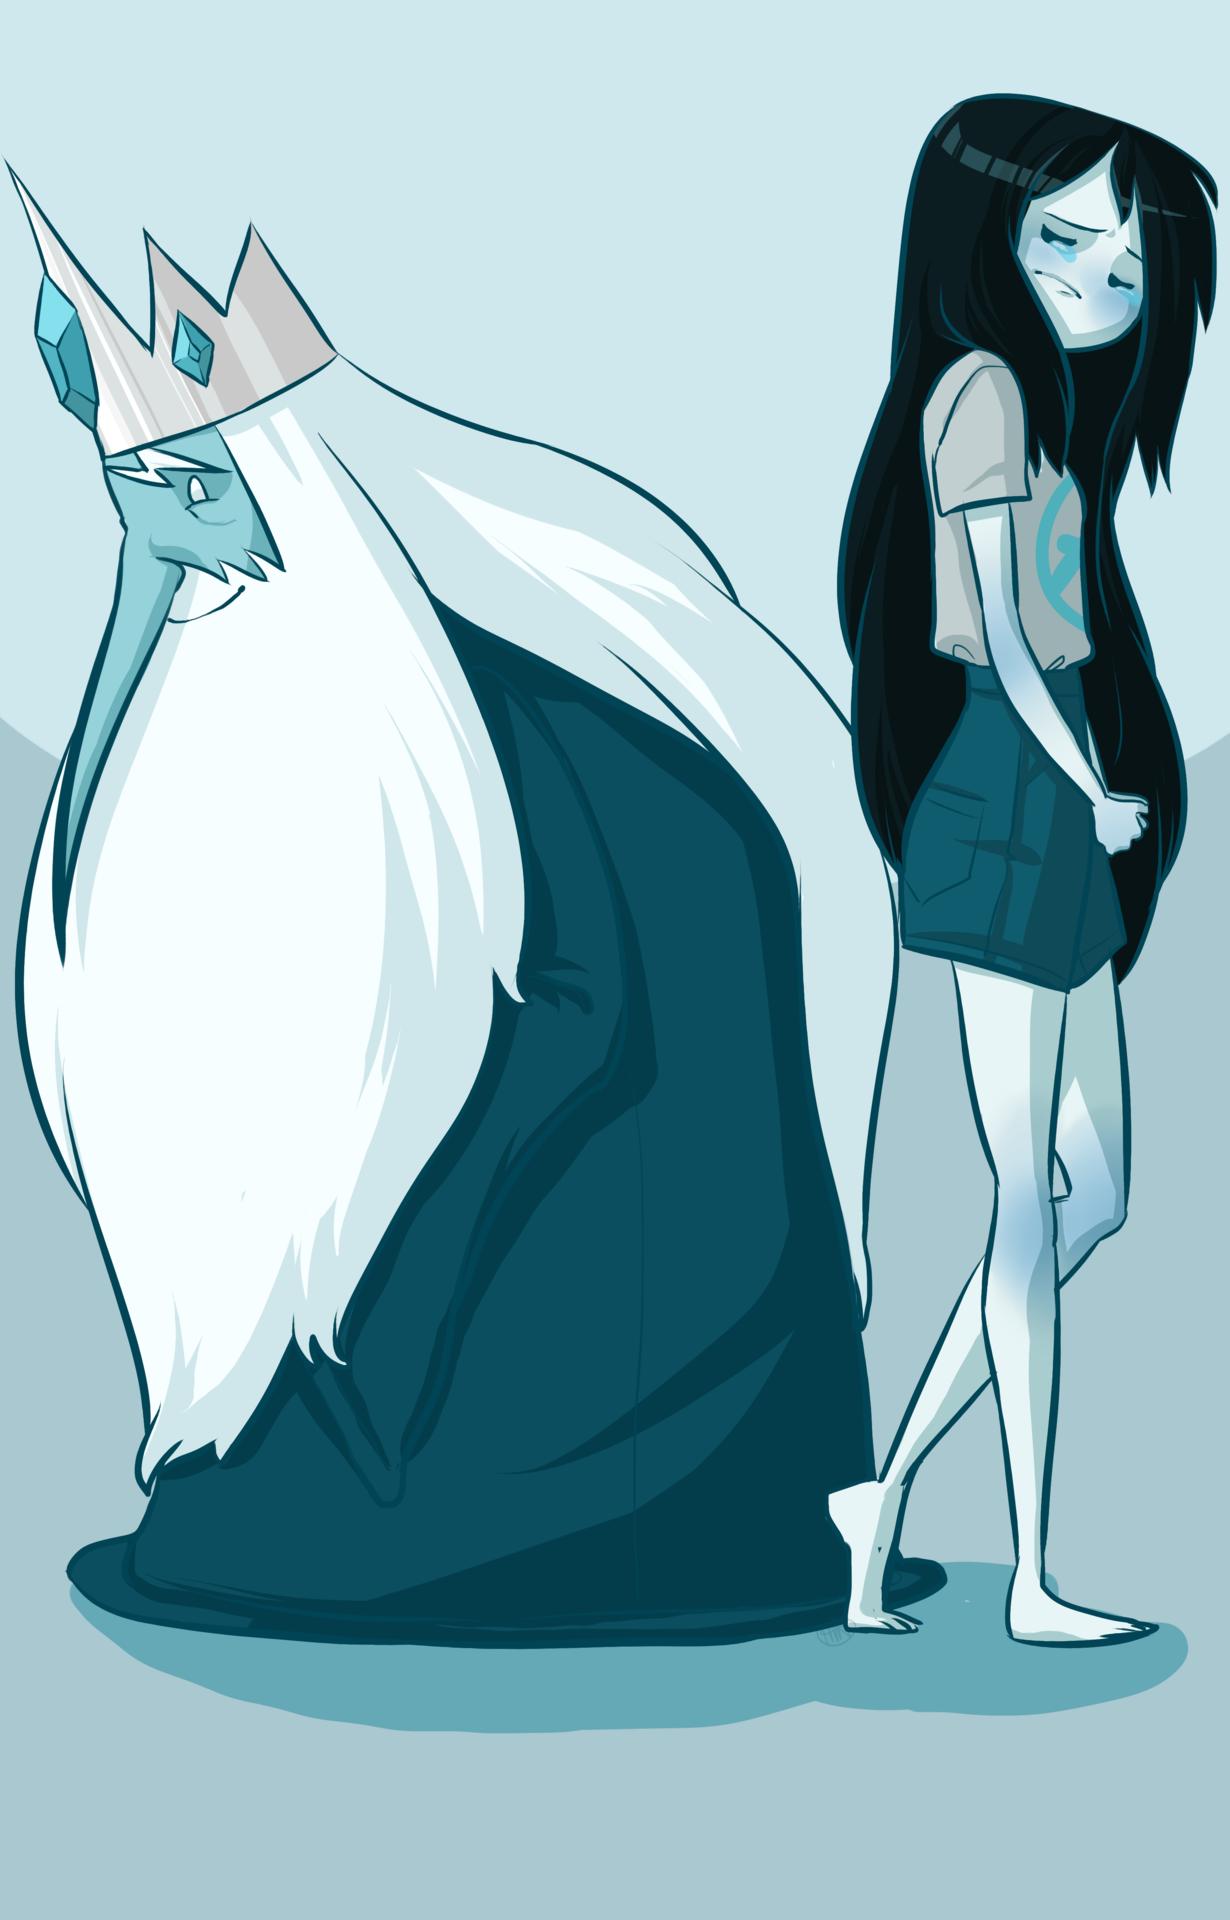 Beliebt Bevorzugt Hintergrundbilder : Karikatur, Abenteuer-Zeit, Marceline die #HK_62